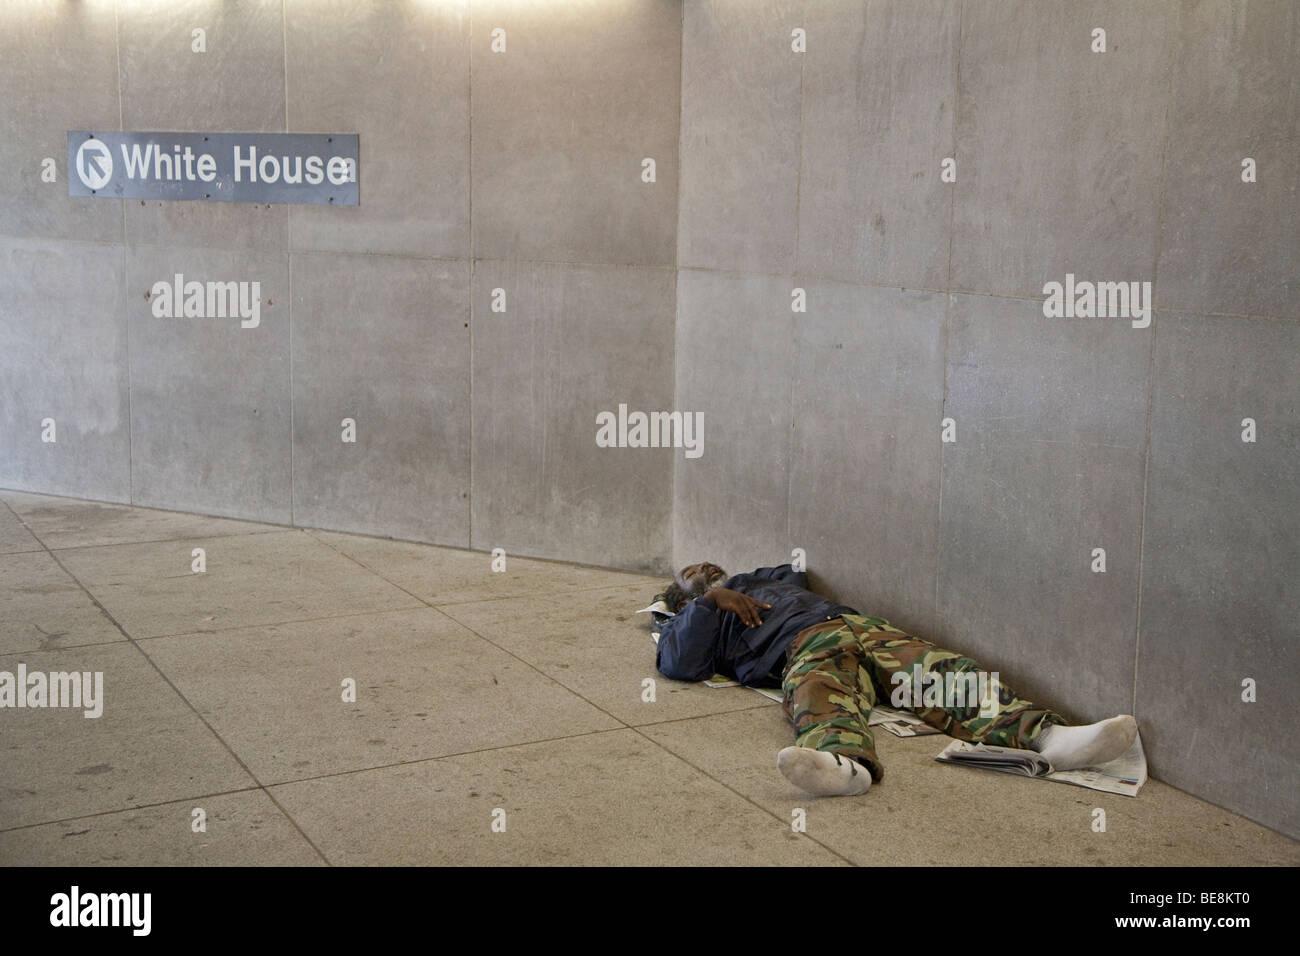 Washington, DC - Un hombre sin hogar duerme en la entrada de una estación de metro cerca de la Casa Blanca. Imagen De Stock